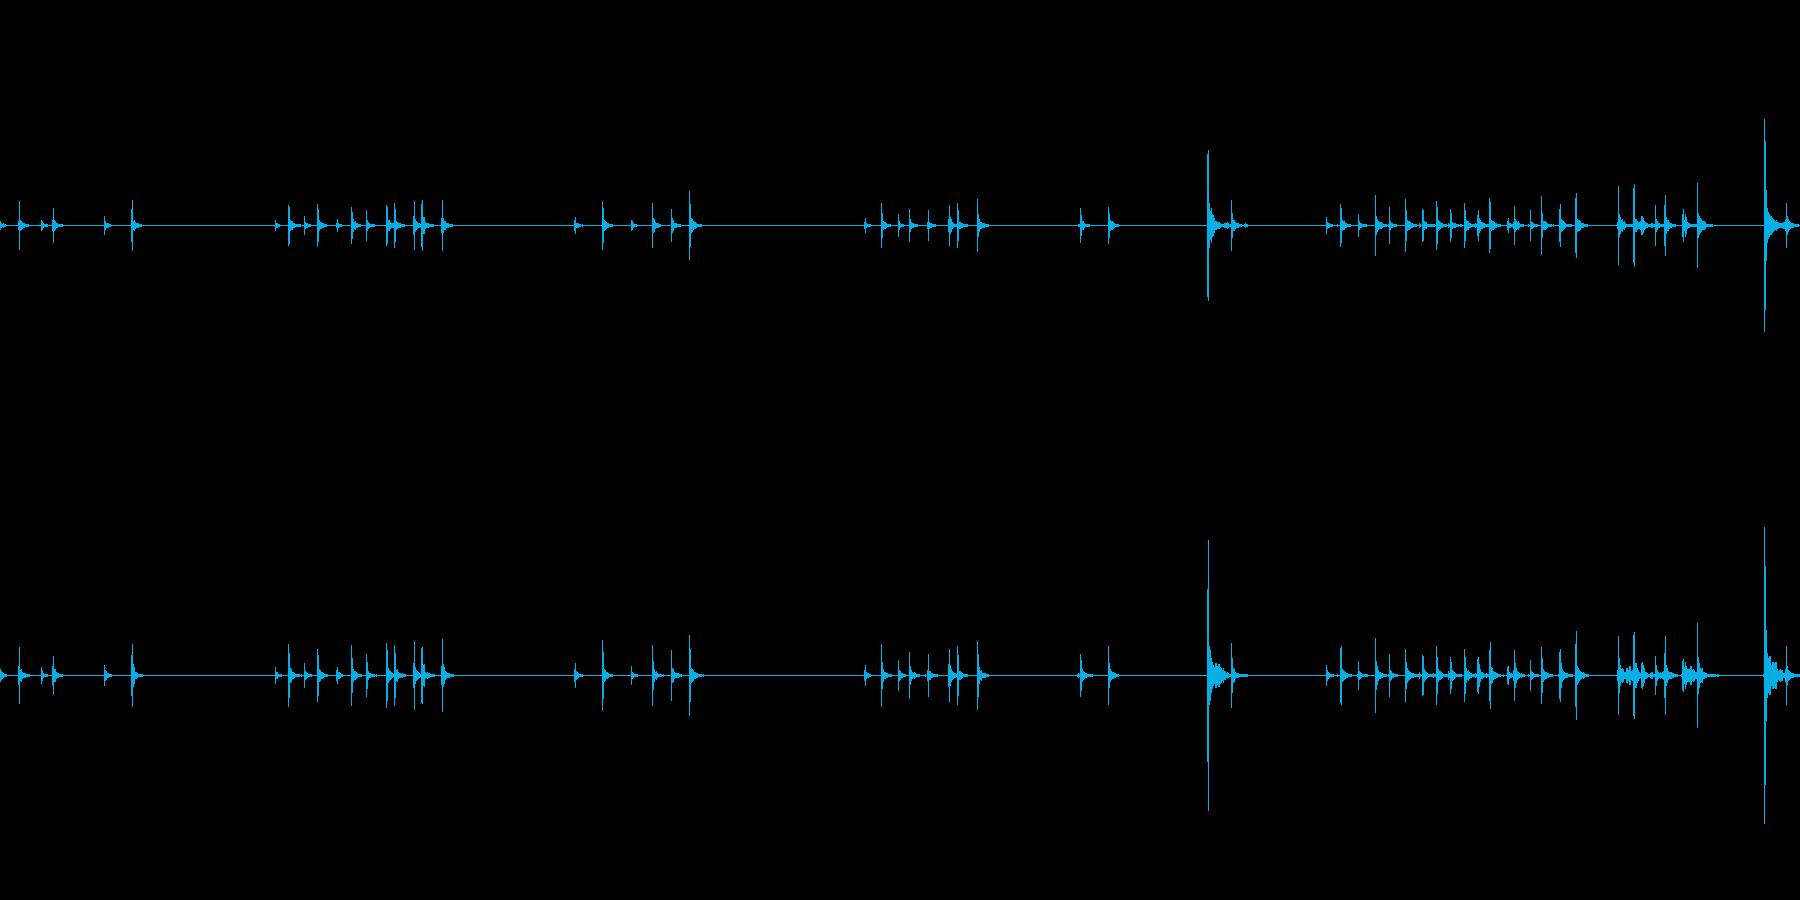 イライラしてクリックを連打する音の再生済みの波形